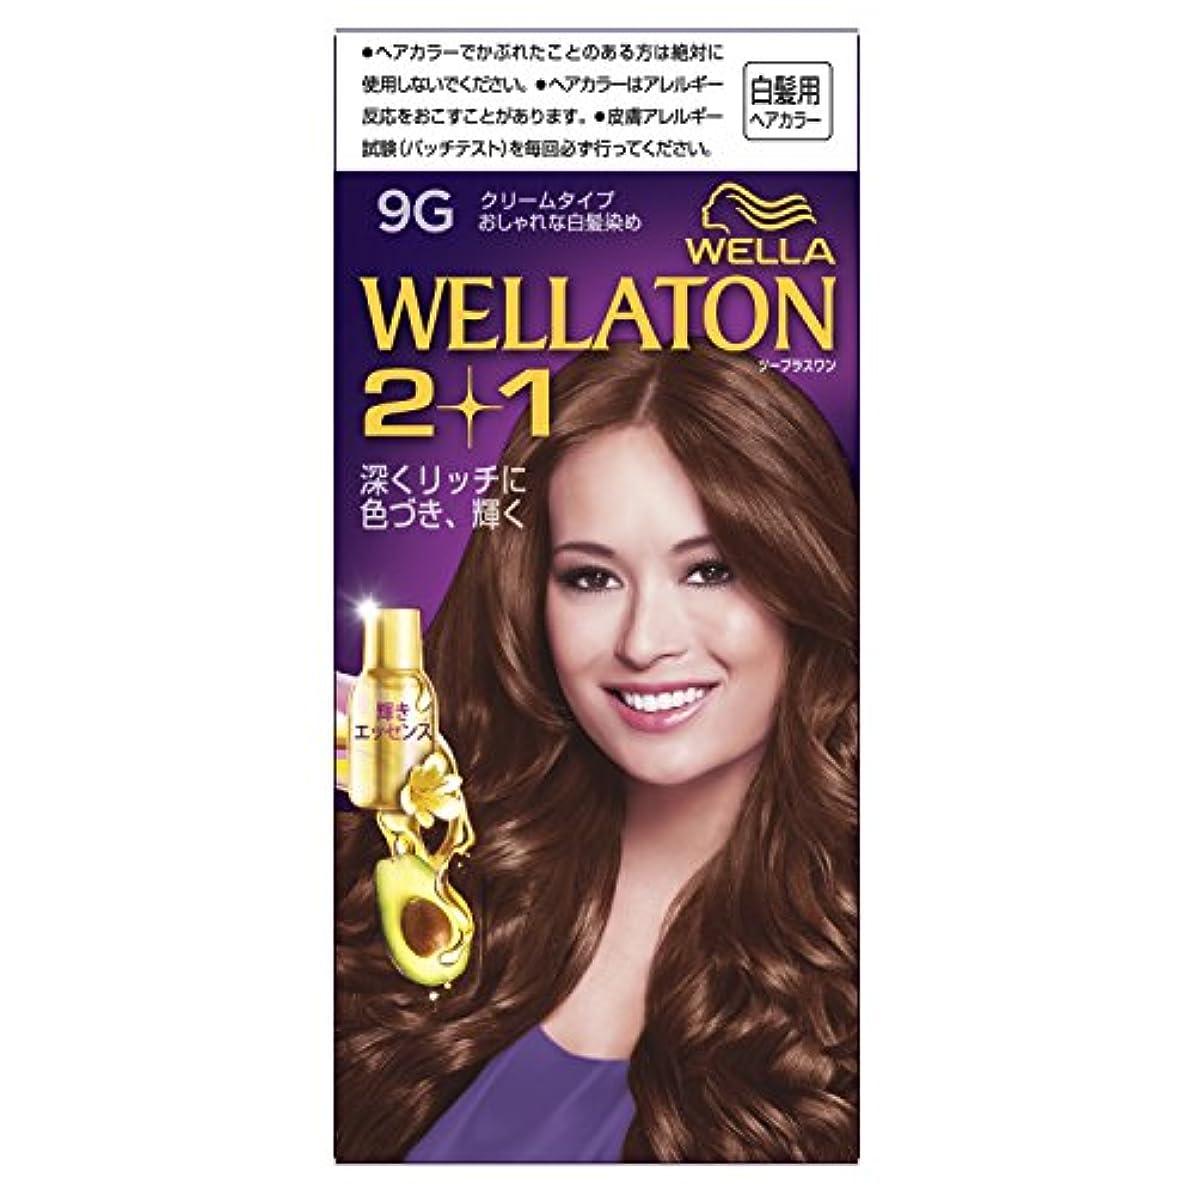 踏み台開示する排泄物ウエラトーン2+1 クリームタイプ 9G [医薬部外品](おしゃれな白髪染め)